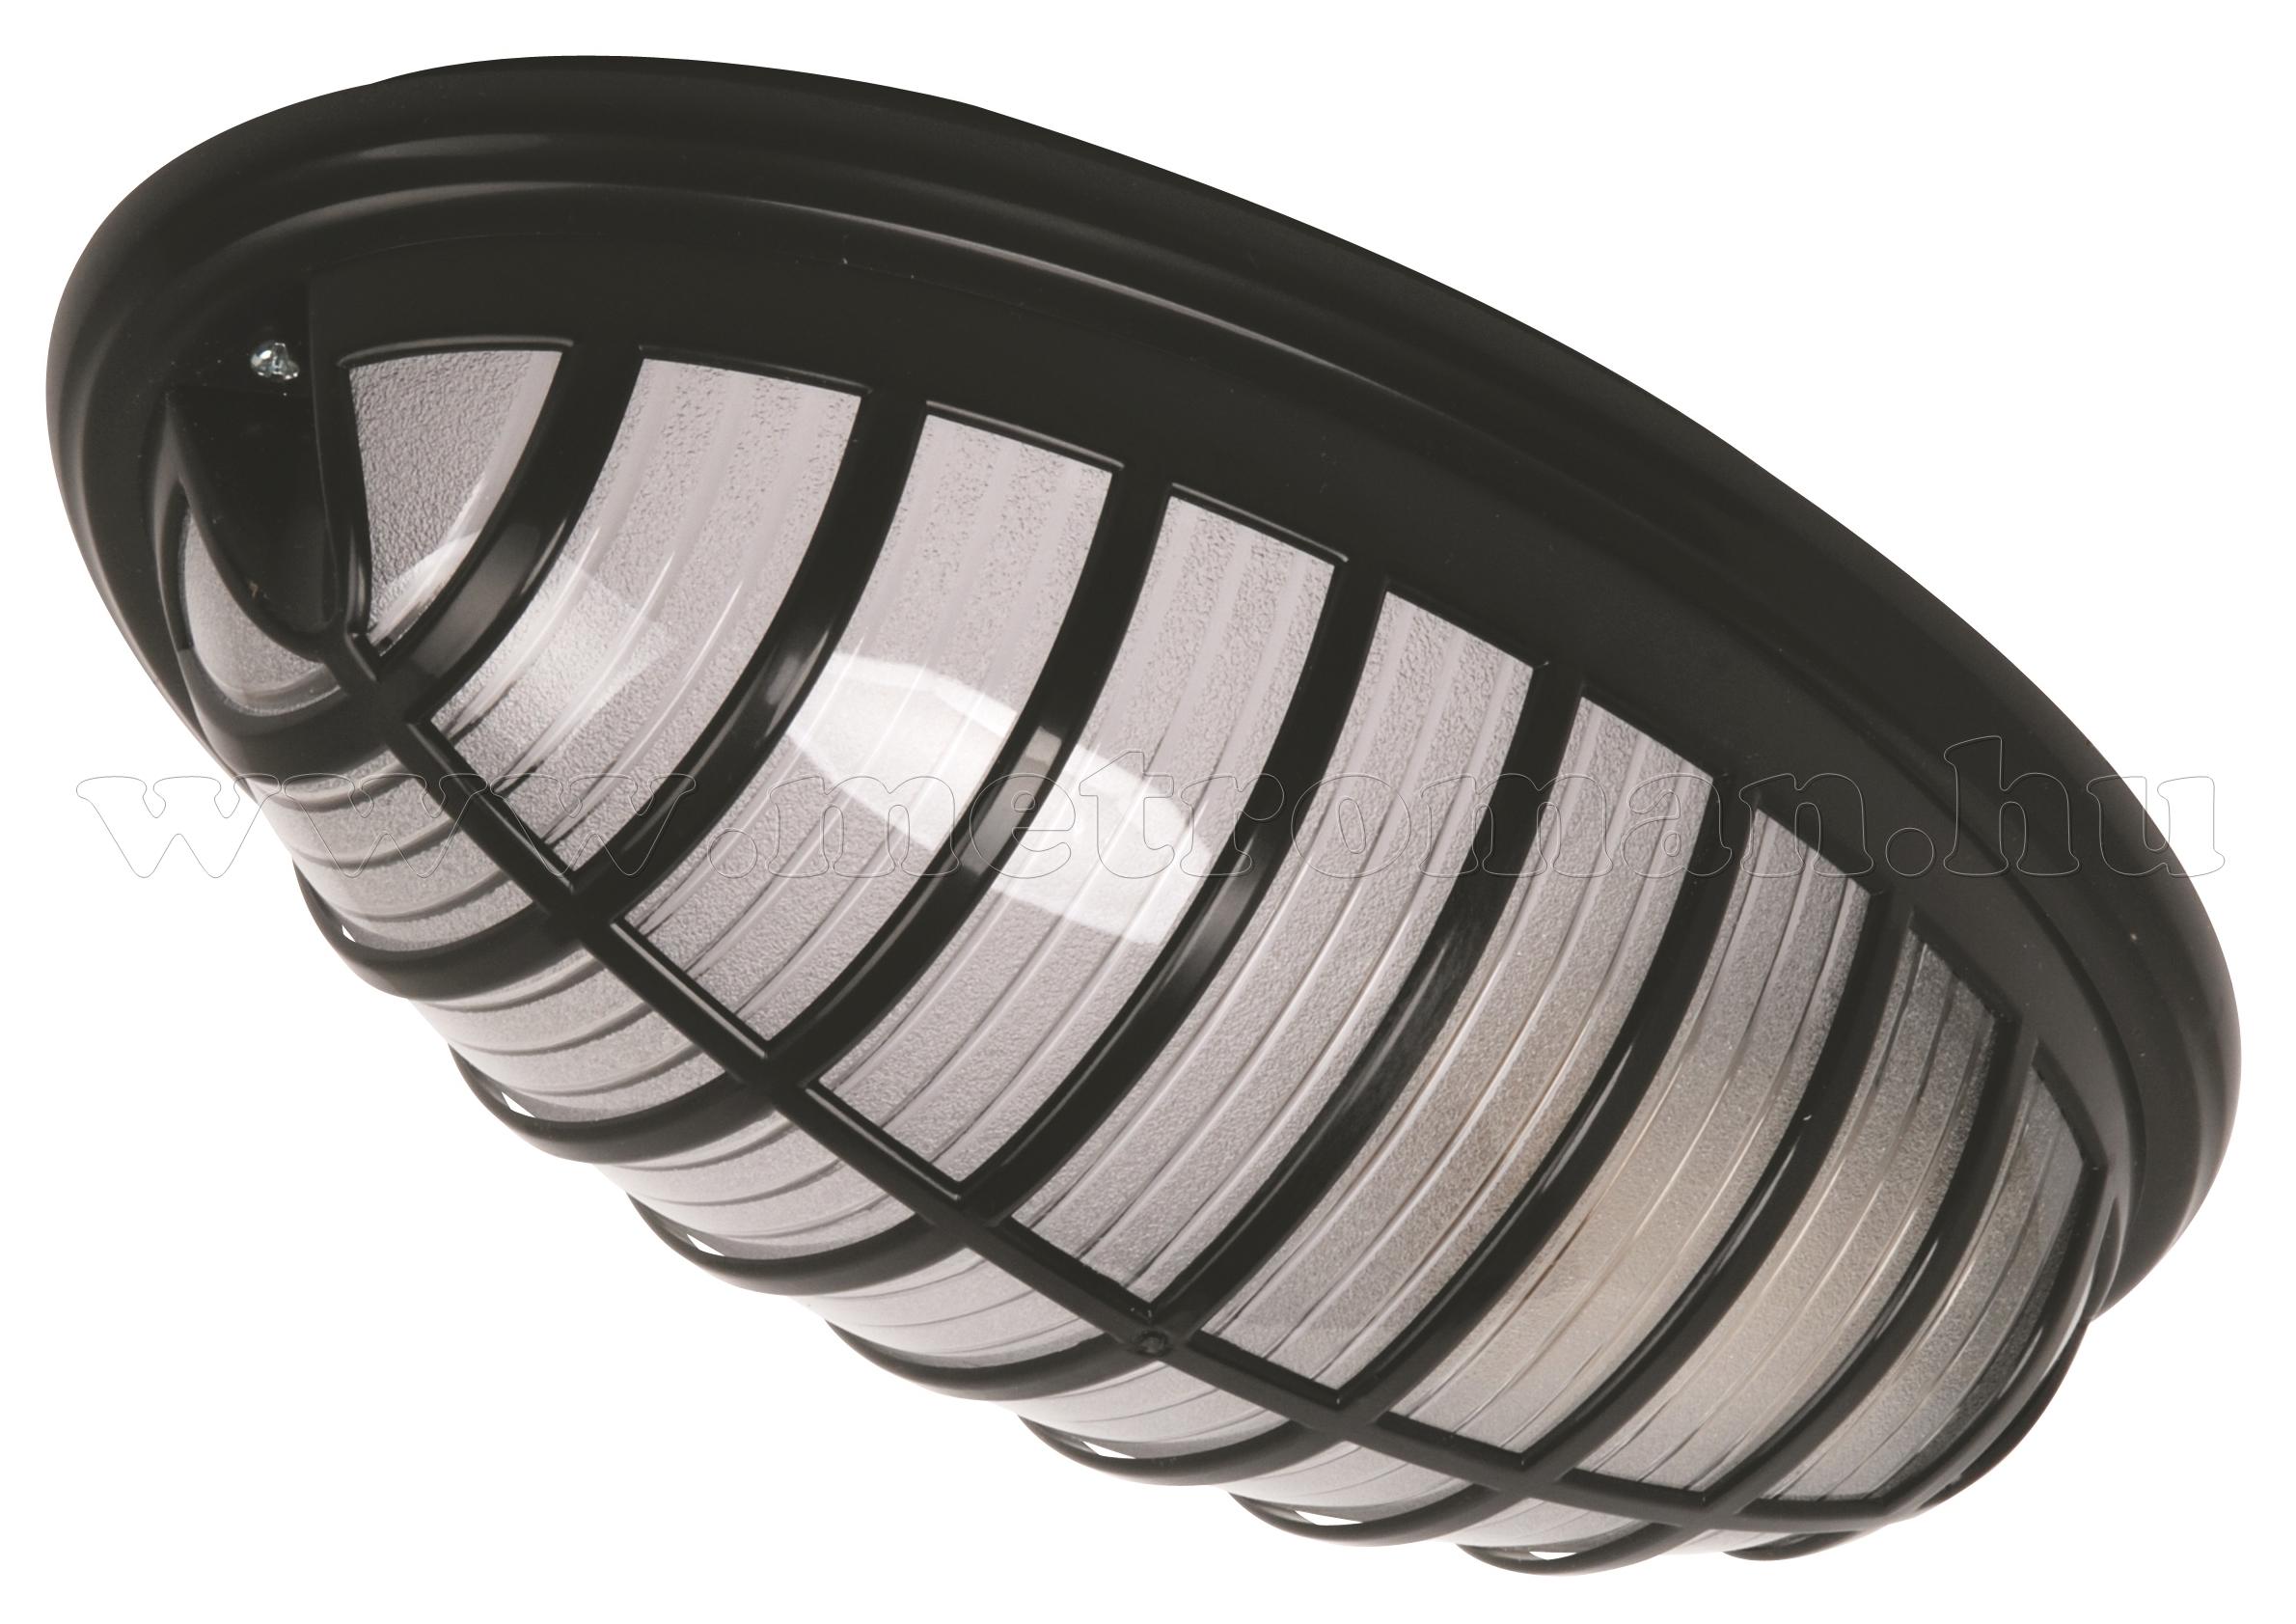 Mennyezeti lámpa IP54, ovális, rácsos, fekete színben 400.002.111